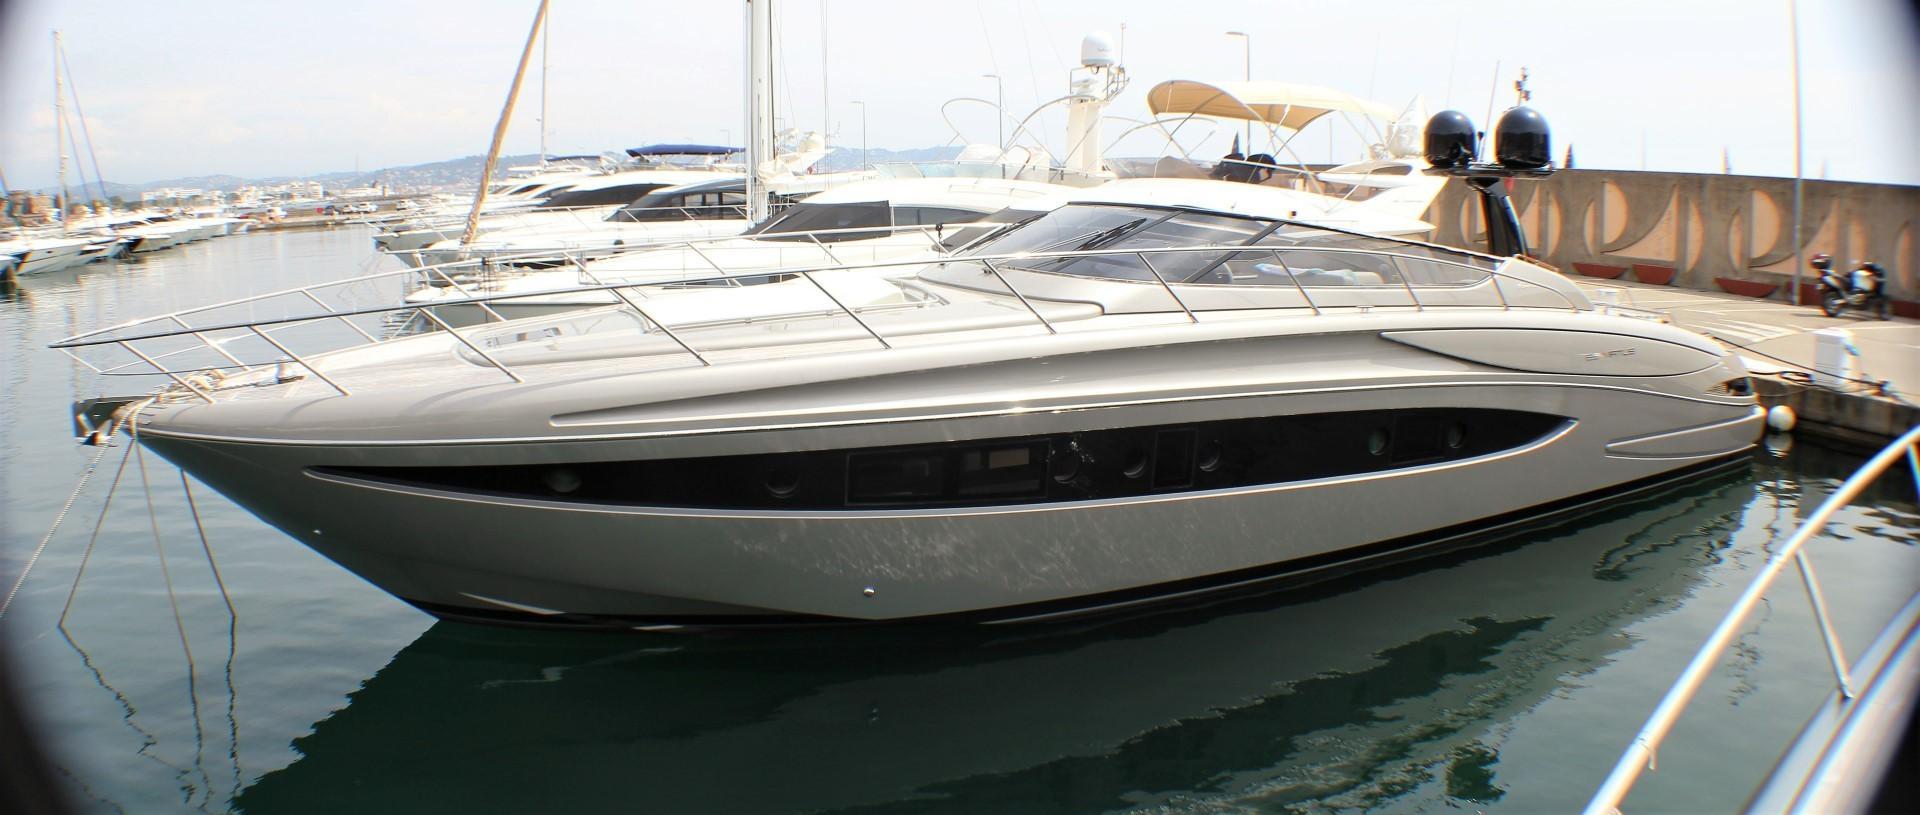 64.21 ft Riva 63 Virtus